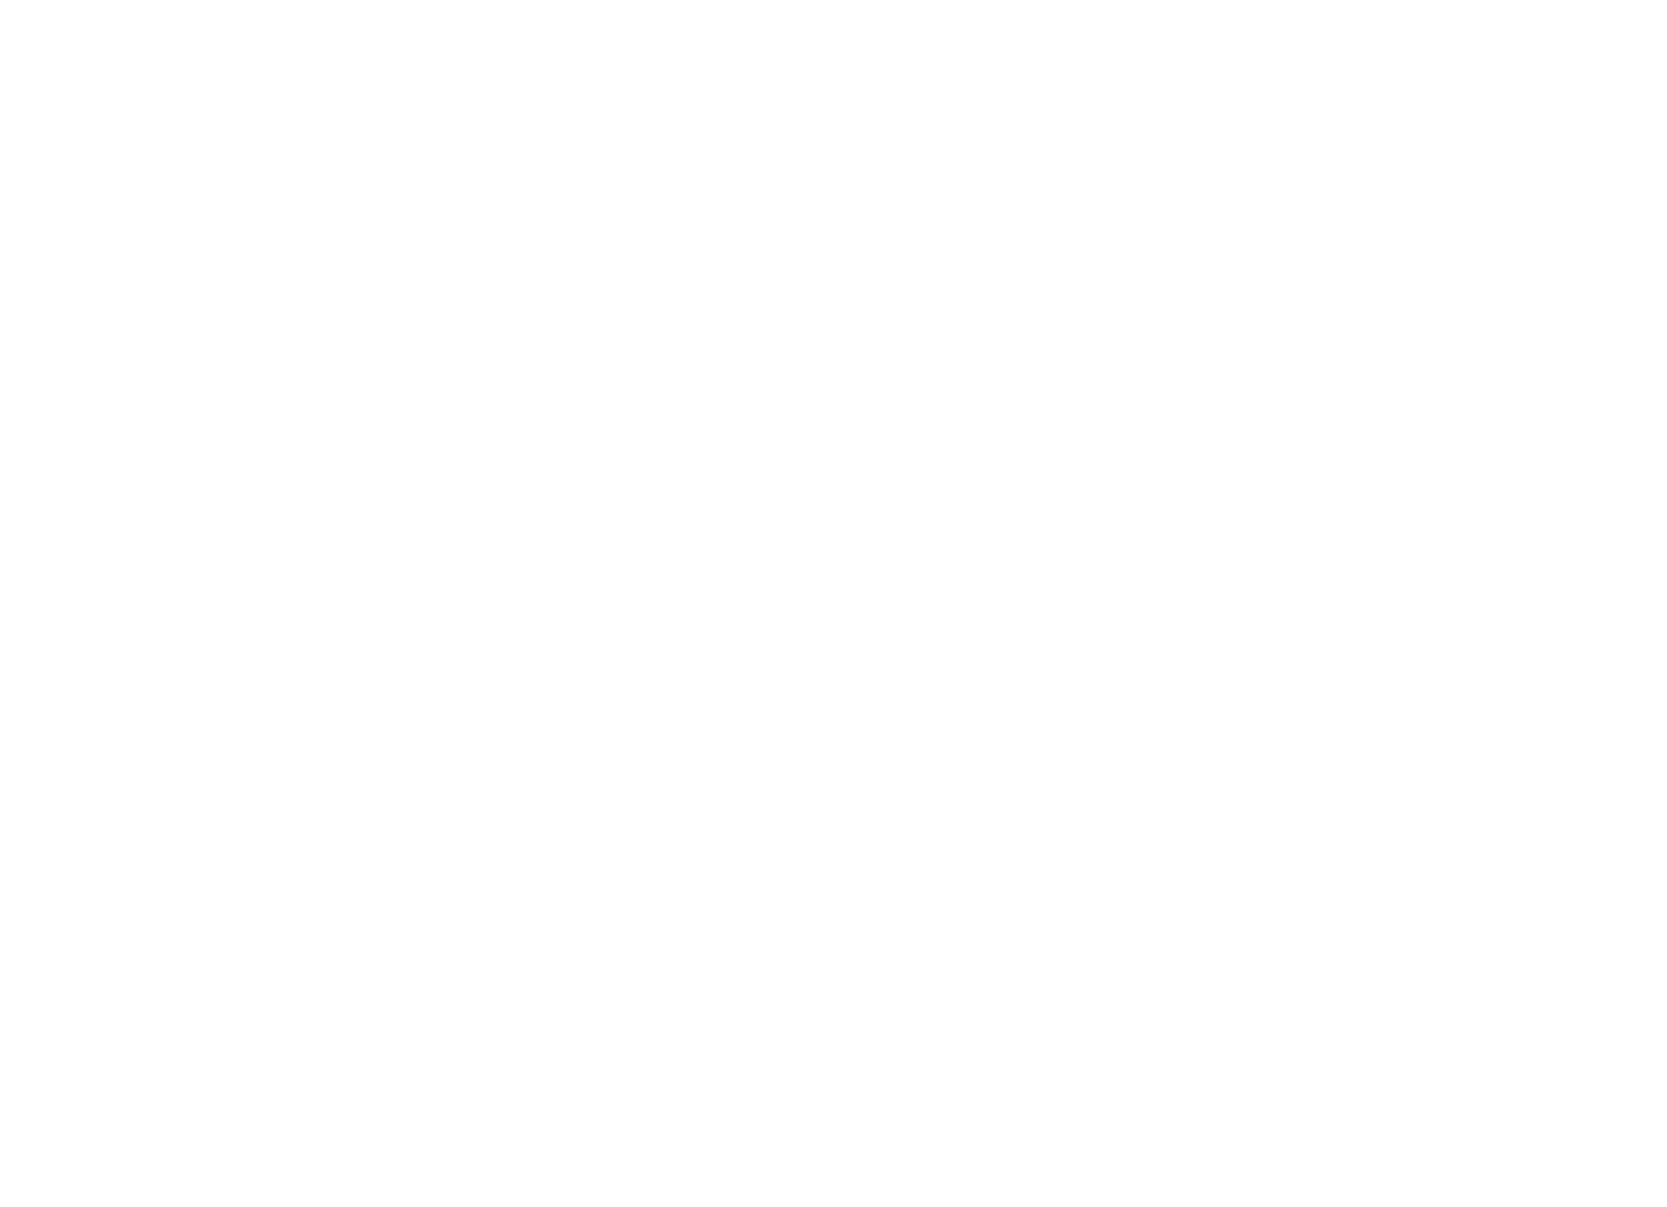 quretaro-01